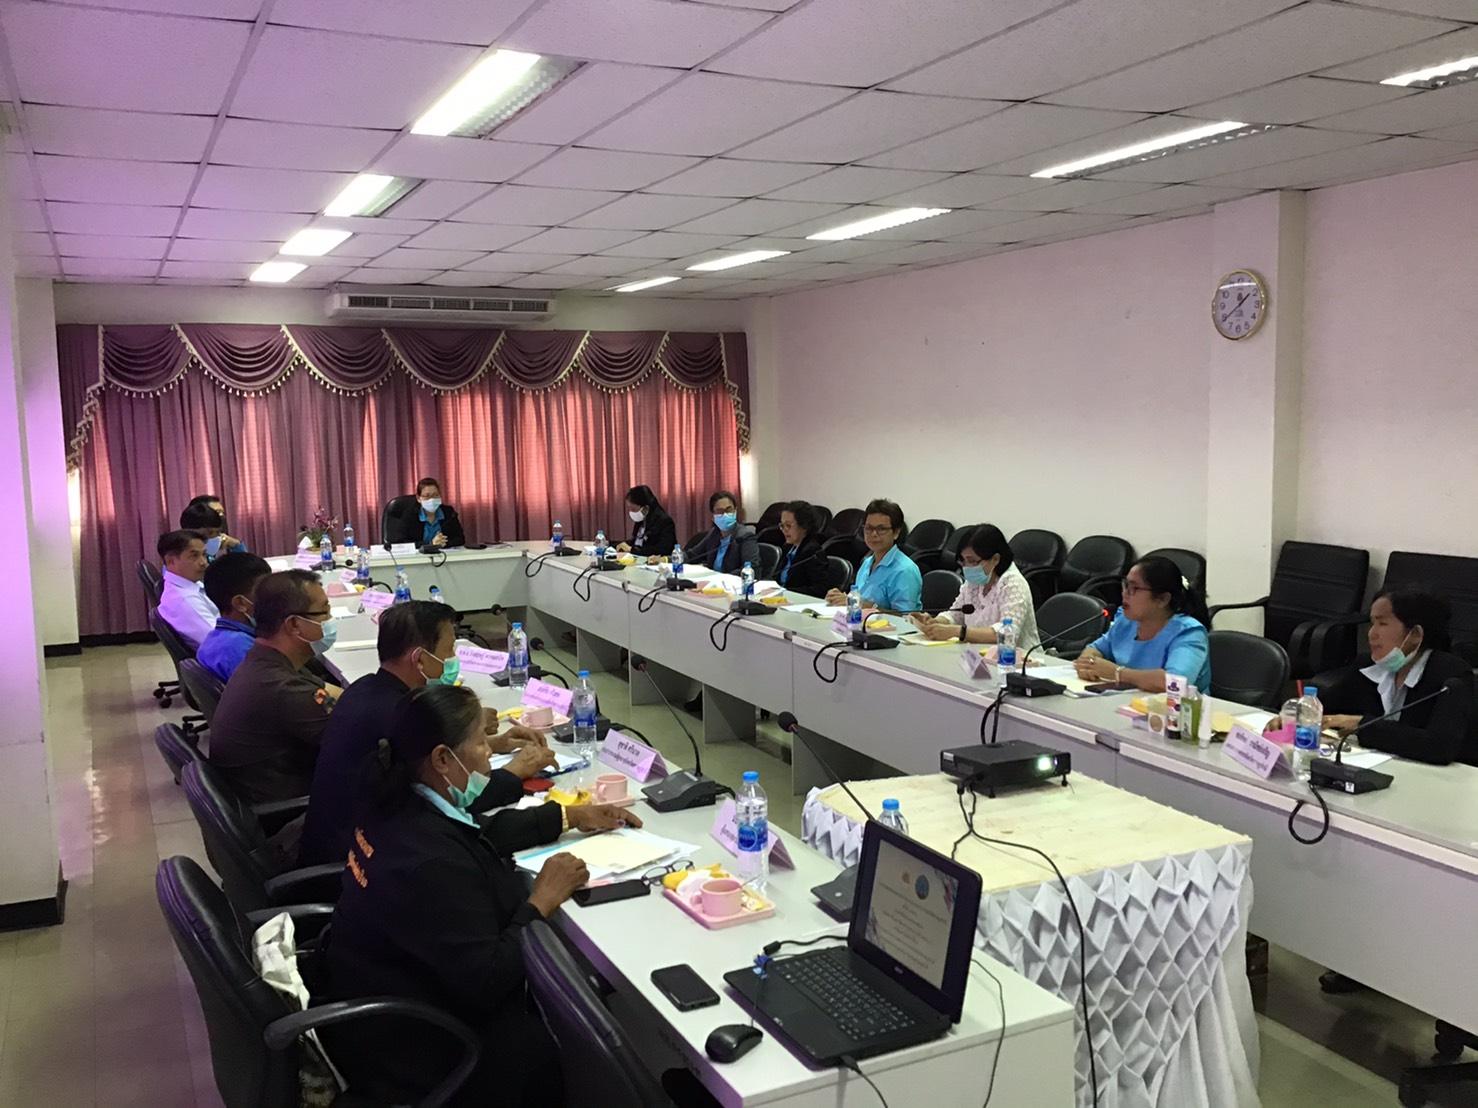 แรงงานจังหวัดสุราษฎร์ธานี จัดประชุมคณะอนุกรรมการบริหารจัดการแรงงานนอกระบบจังหวัดสุราษฎร์ธานี ครั้งที่ 1/2563